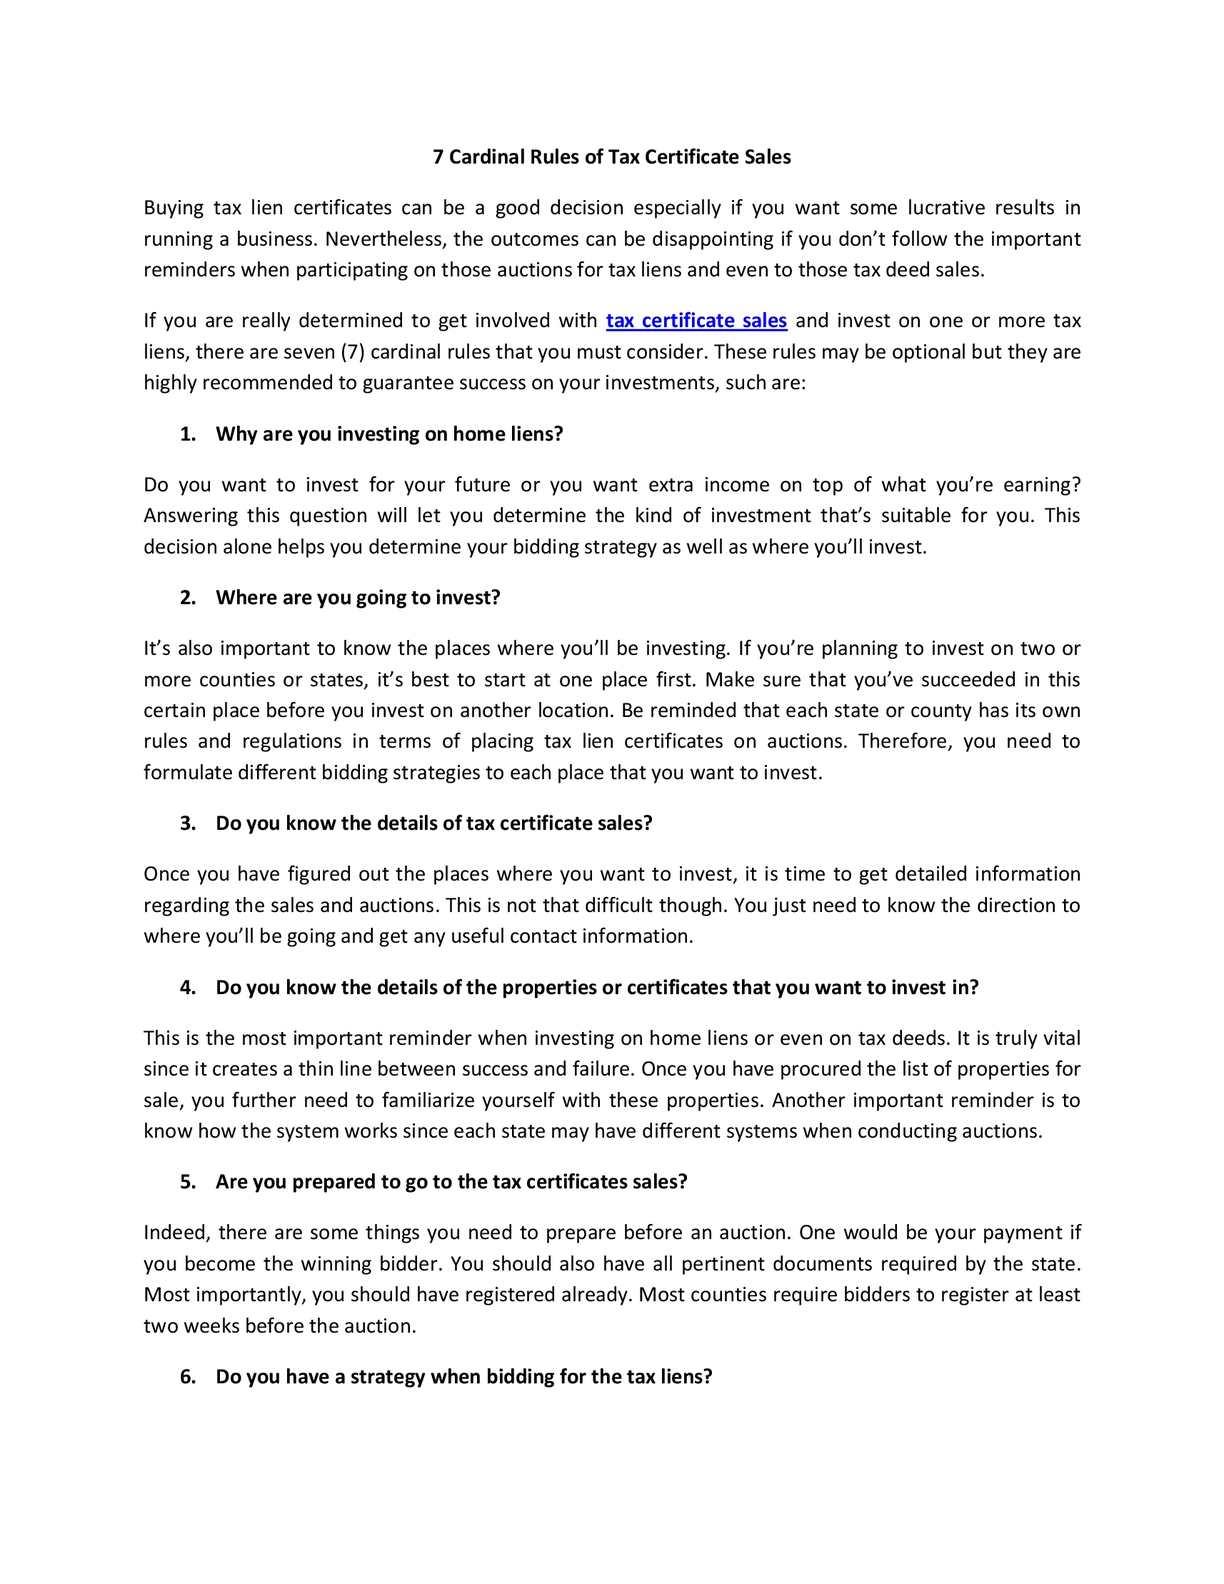 Calamo 7 Cardinal Rules Of Tax Certificate Sales